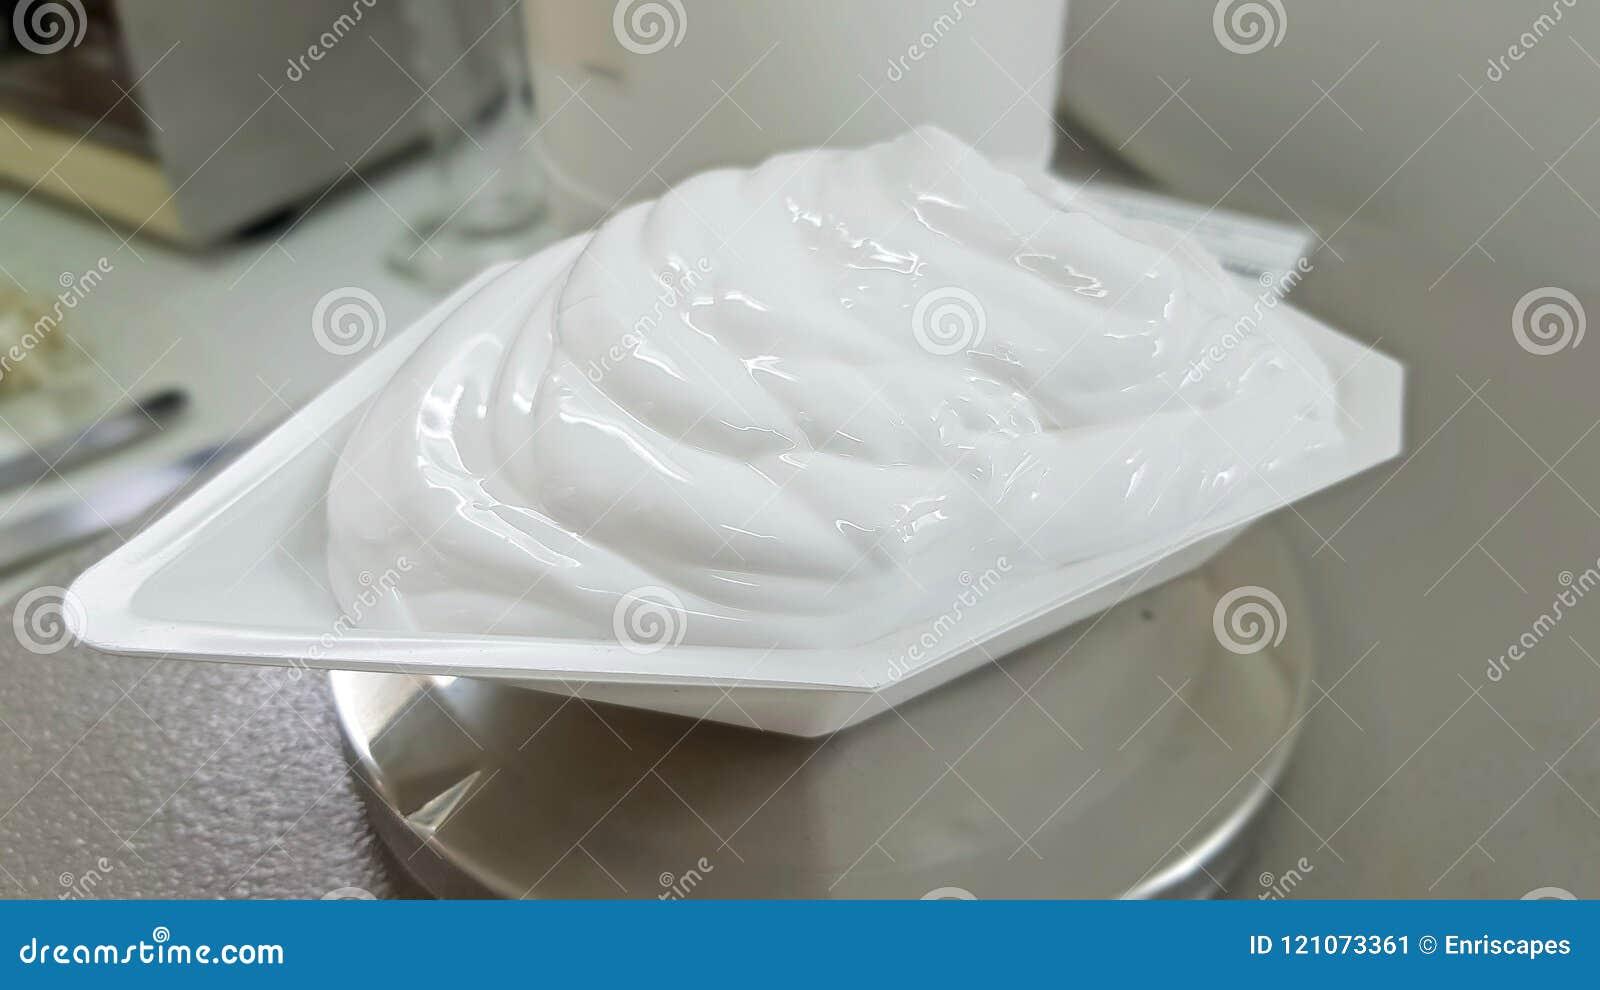 Wiegen eines Teils einer kosmetischen Emulsion